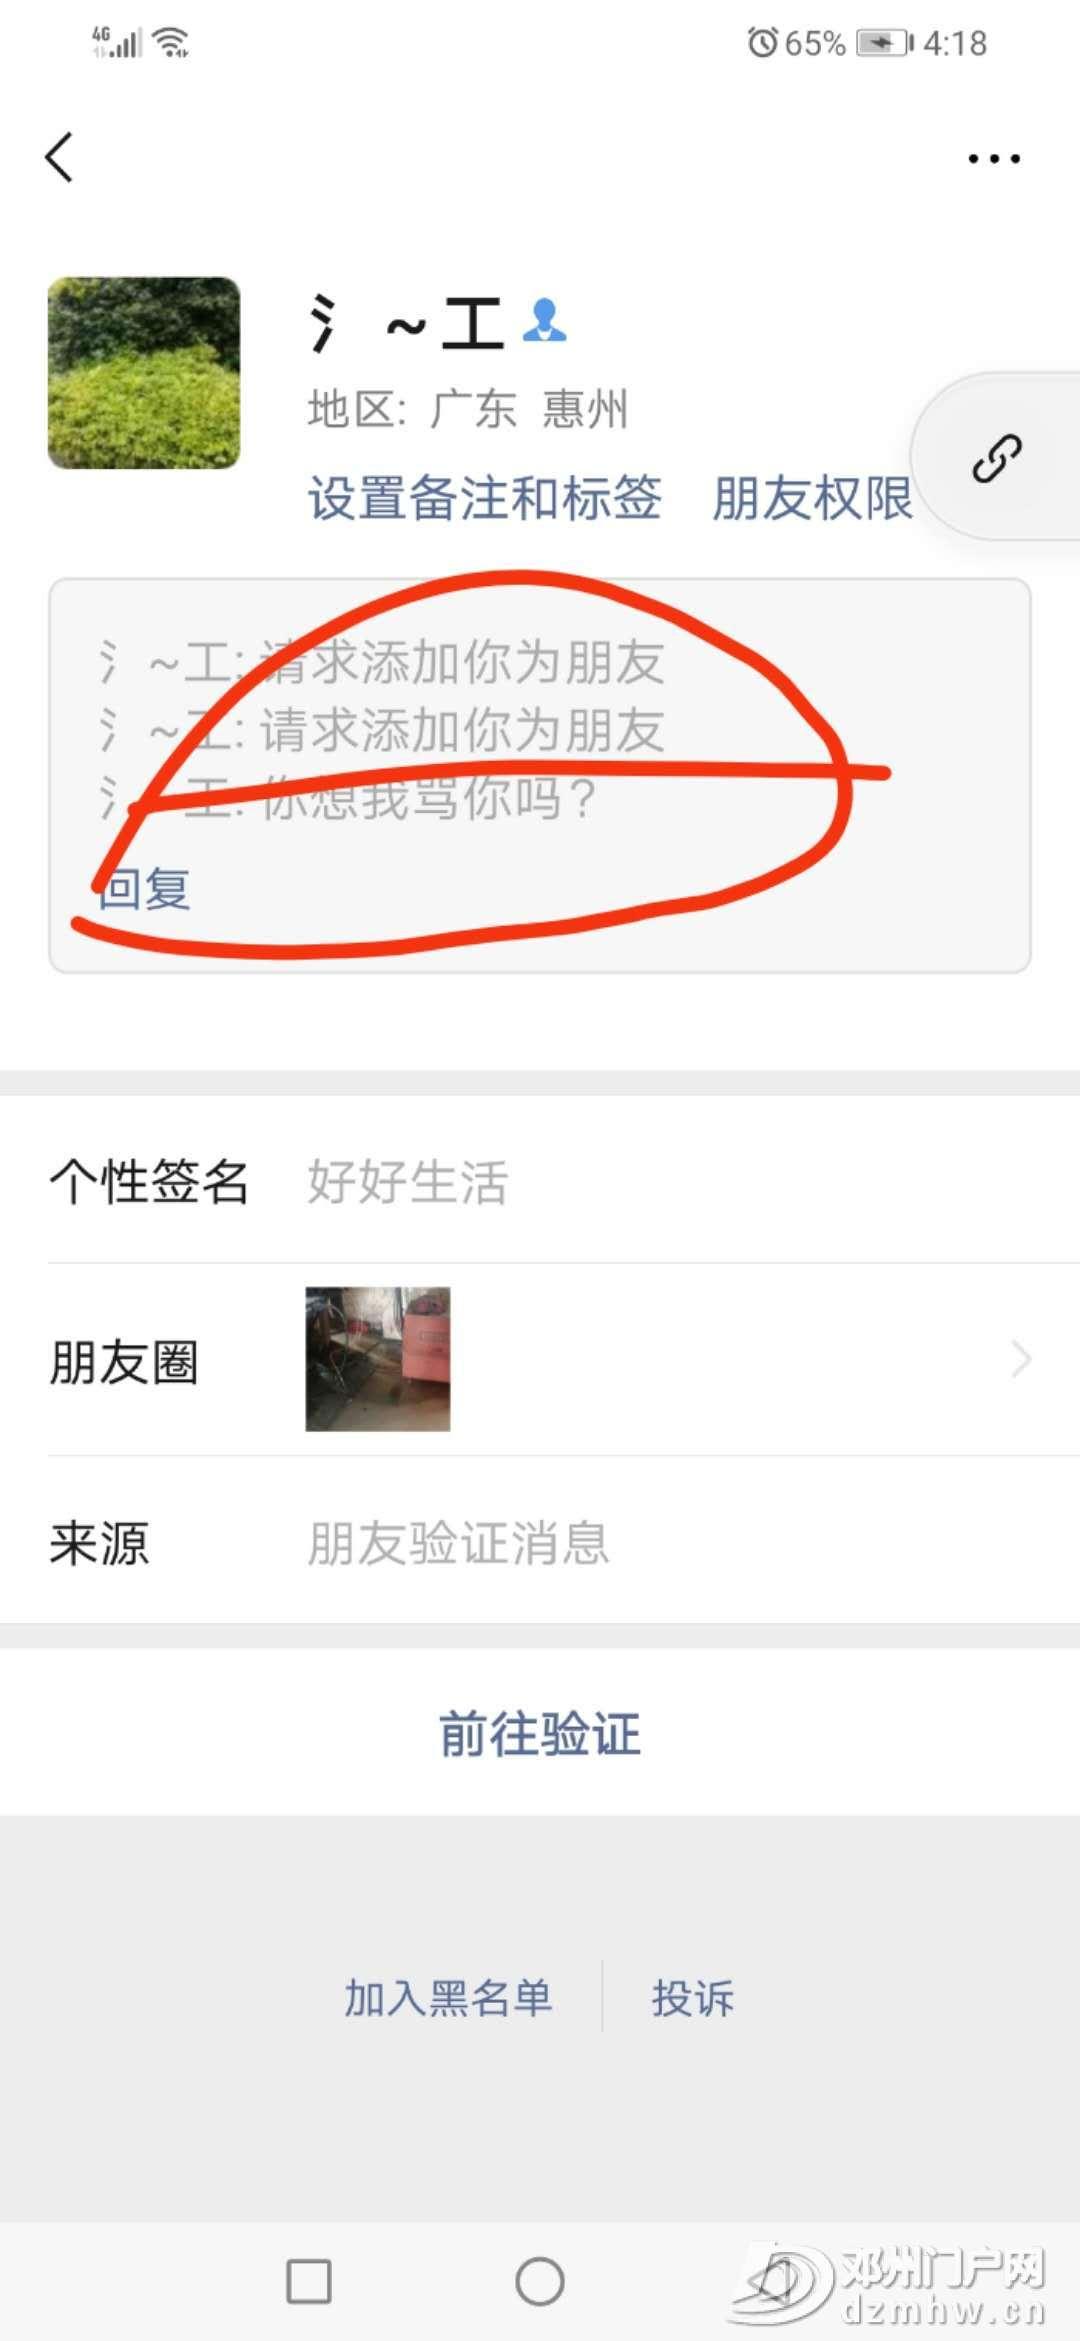 邓州事儿微信群,变态人员微信号曝光! - 邓州门户网|邓州网 - 微信图片_20200302212830.jpg